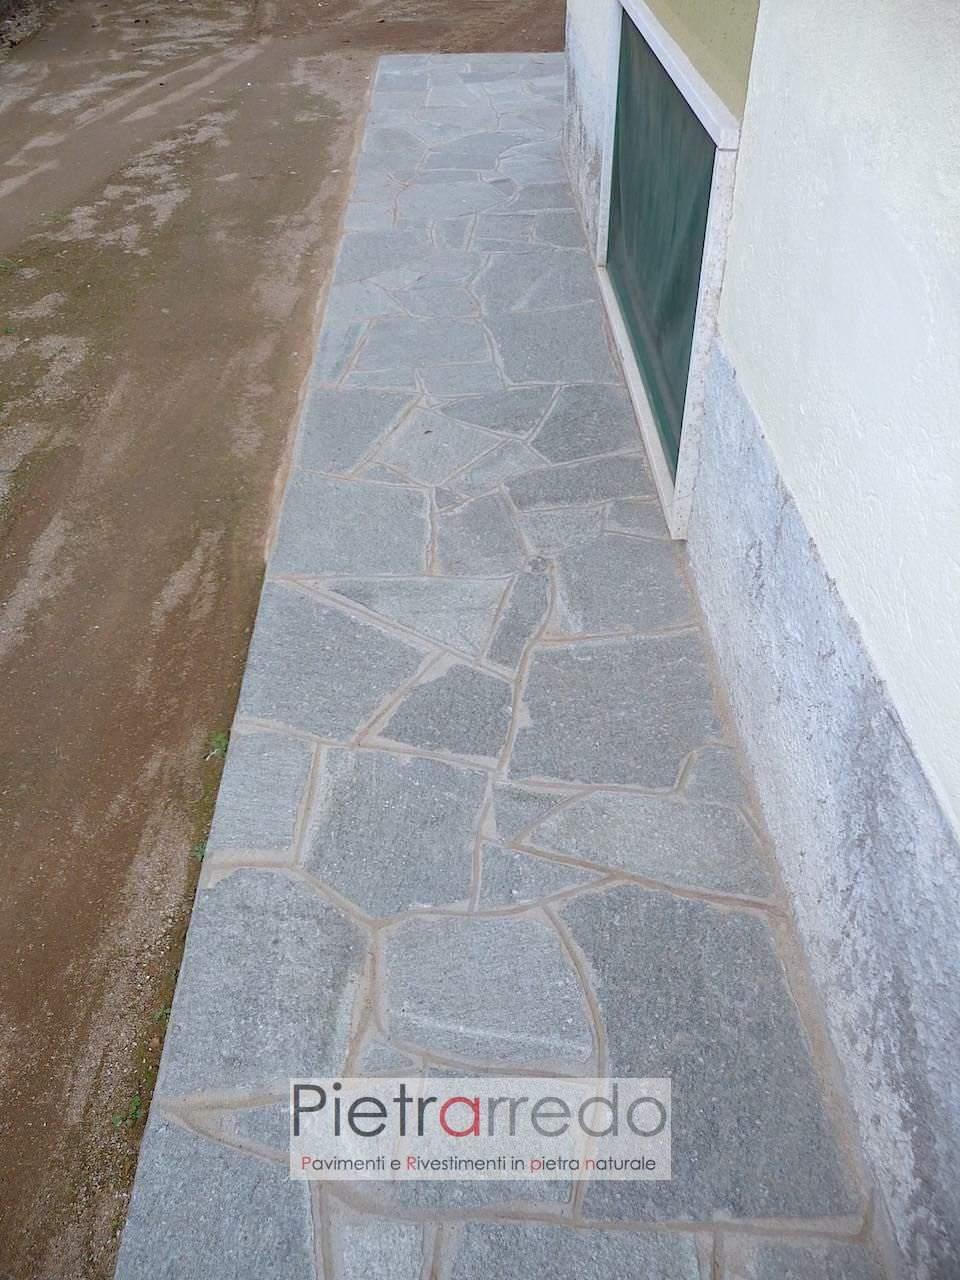 Pavimento e rivestimento in lastrame luserna blu colore uniforme bello prezzo costi pietrarredo milano